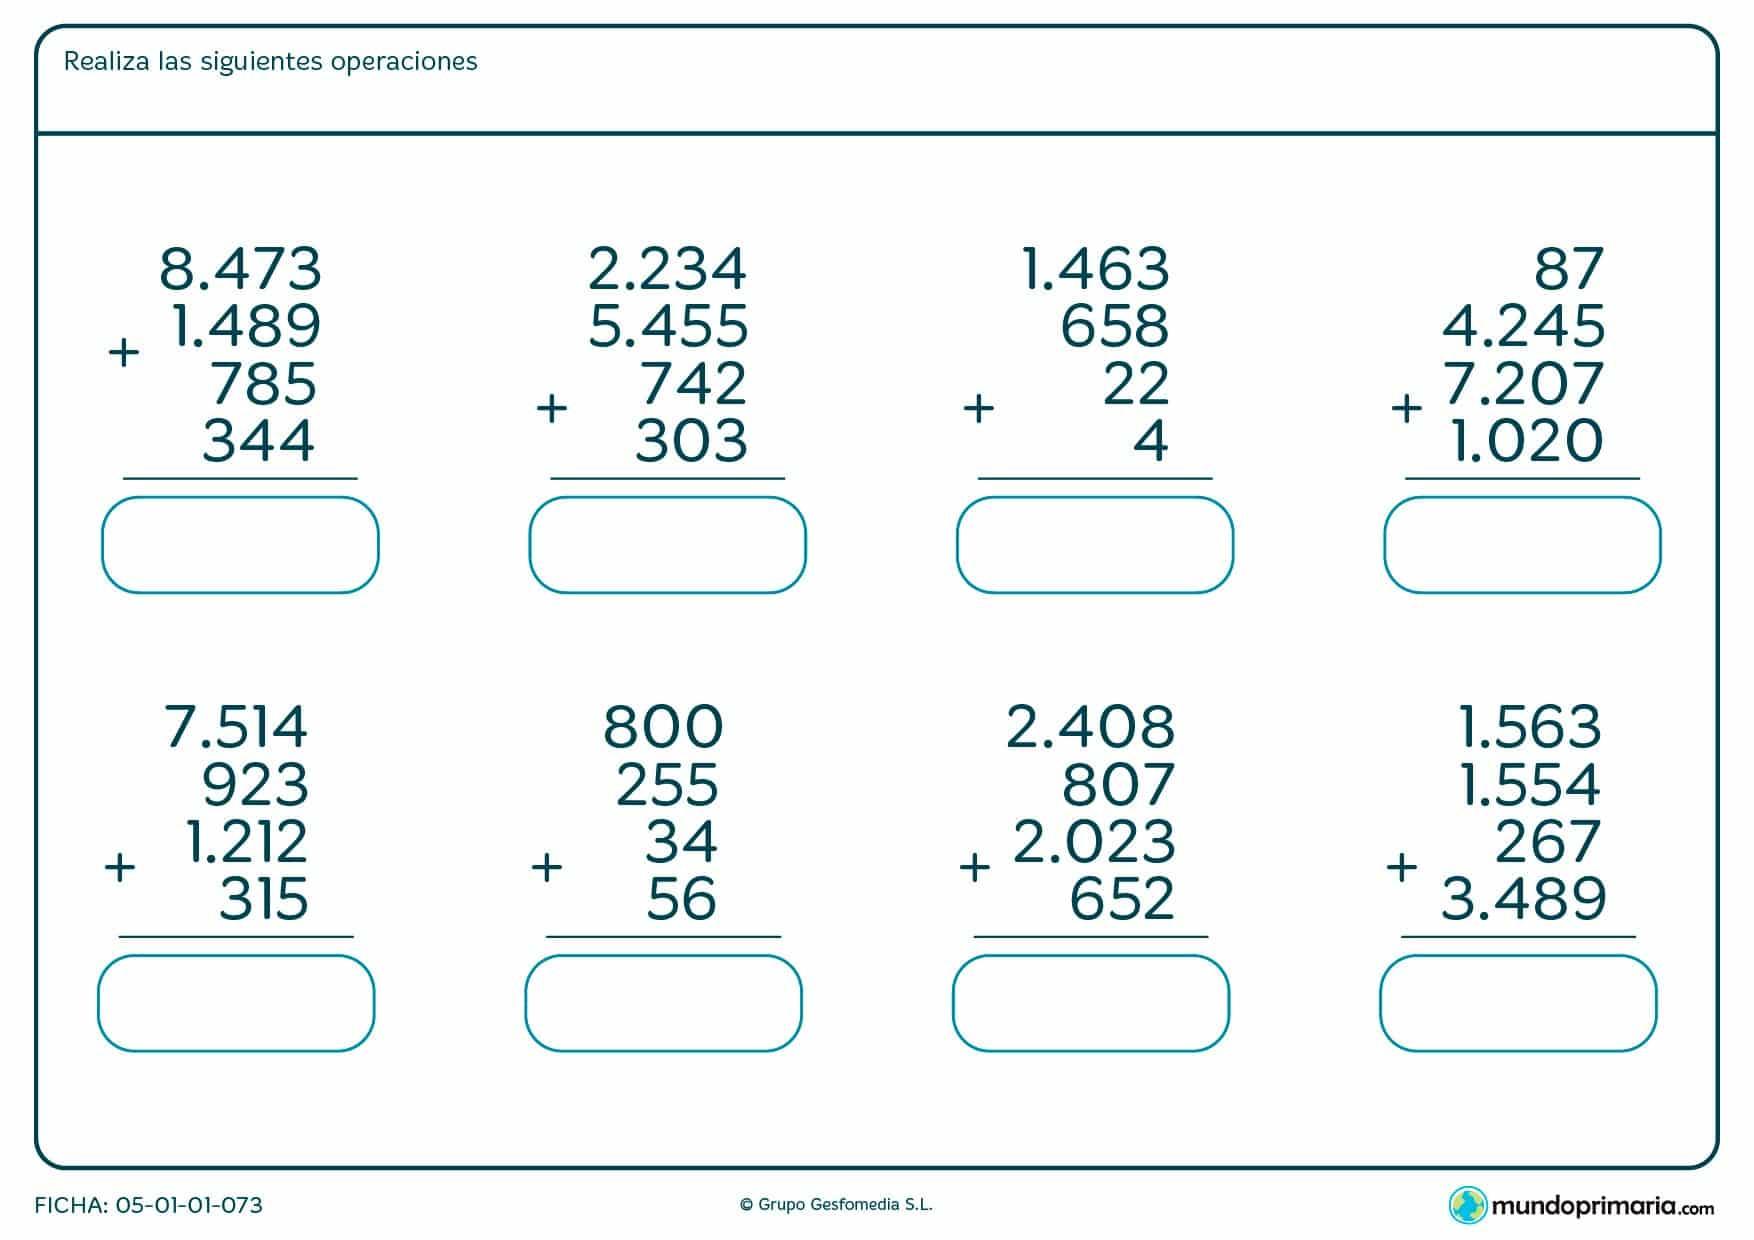 Realiza estas sumas de cuatro números de hasta cuatro cifras.